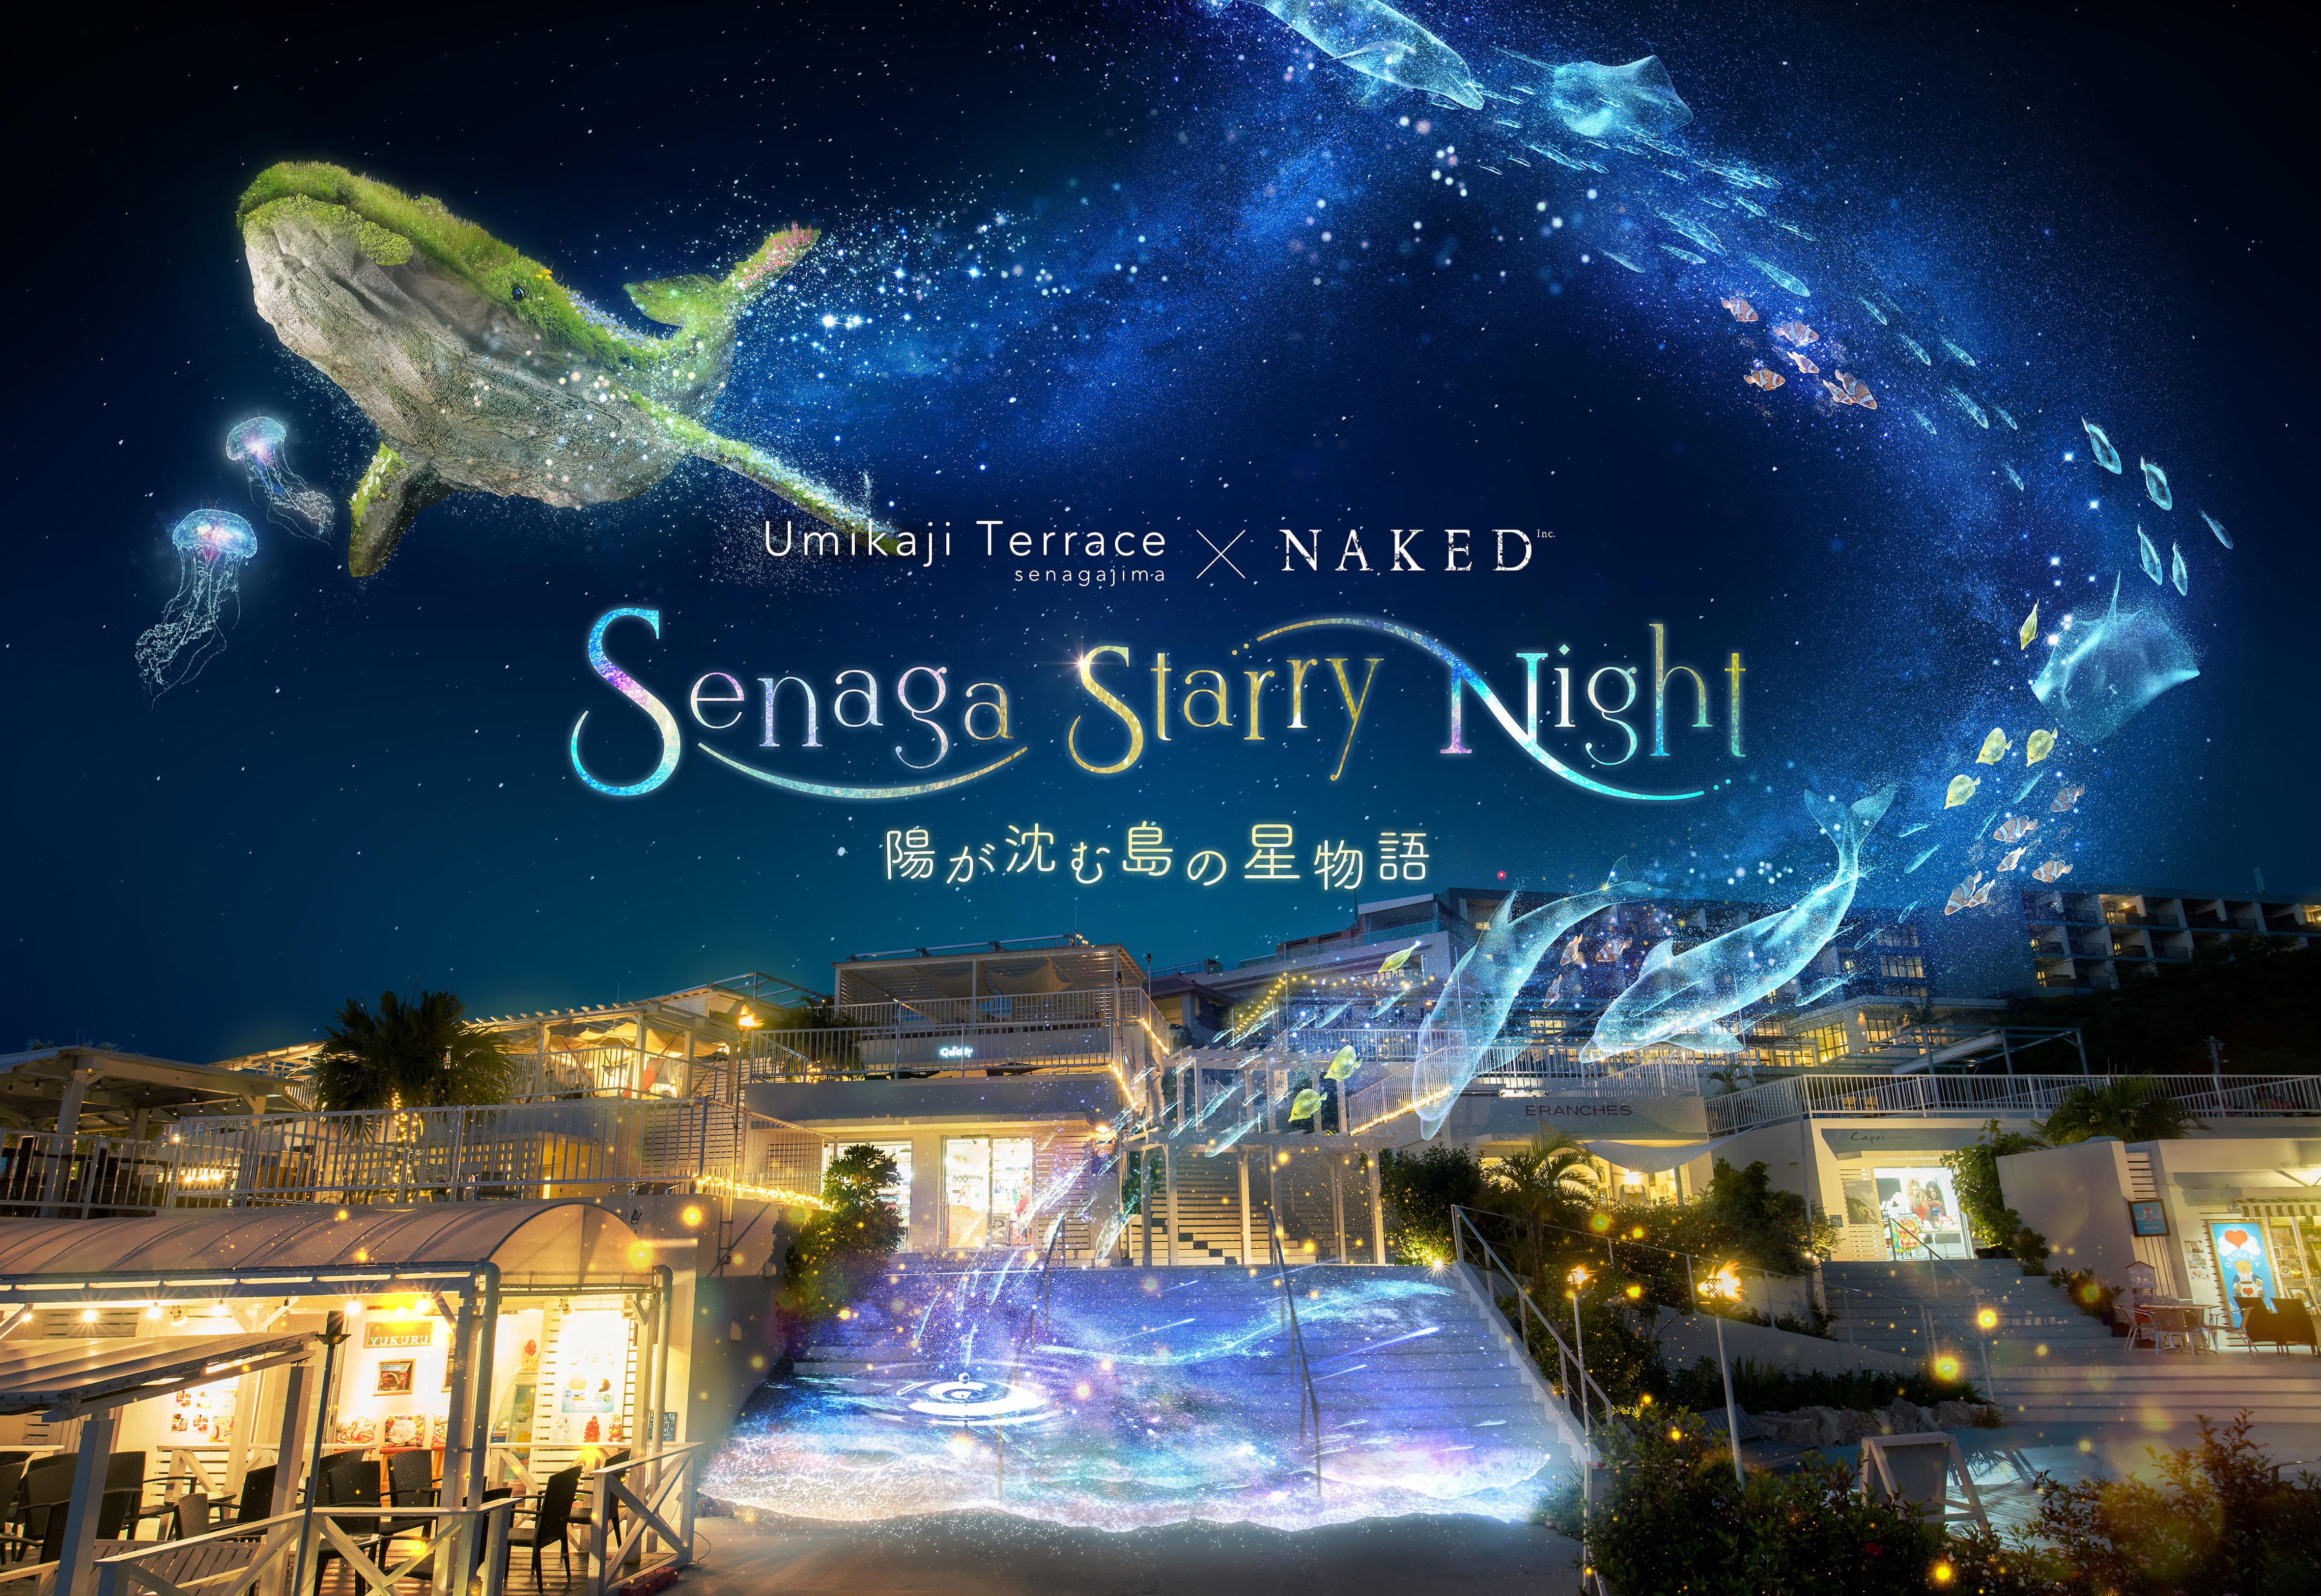 瀬長島ウミカジテラス「Senaga Starry Night-陽が沈む島の星物語-」